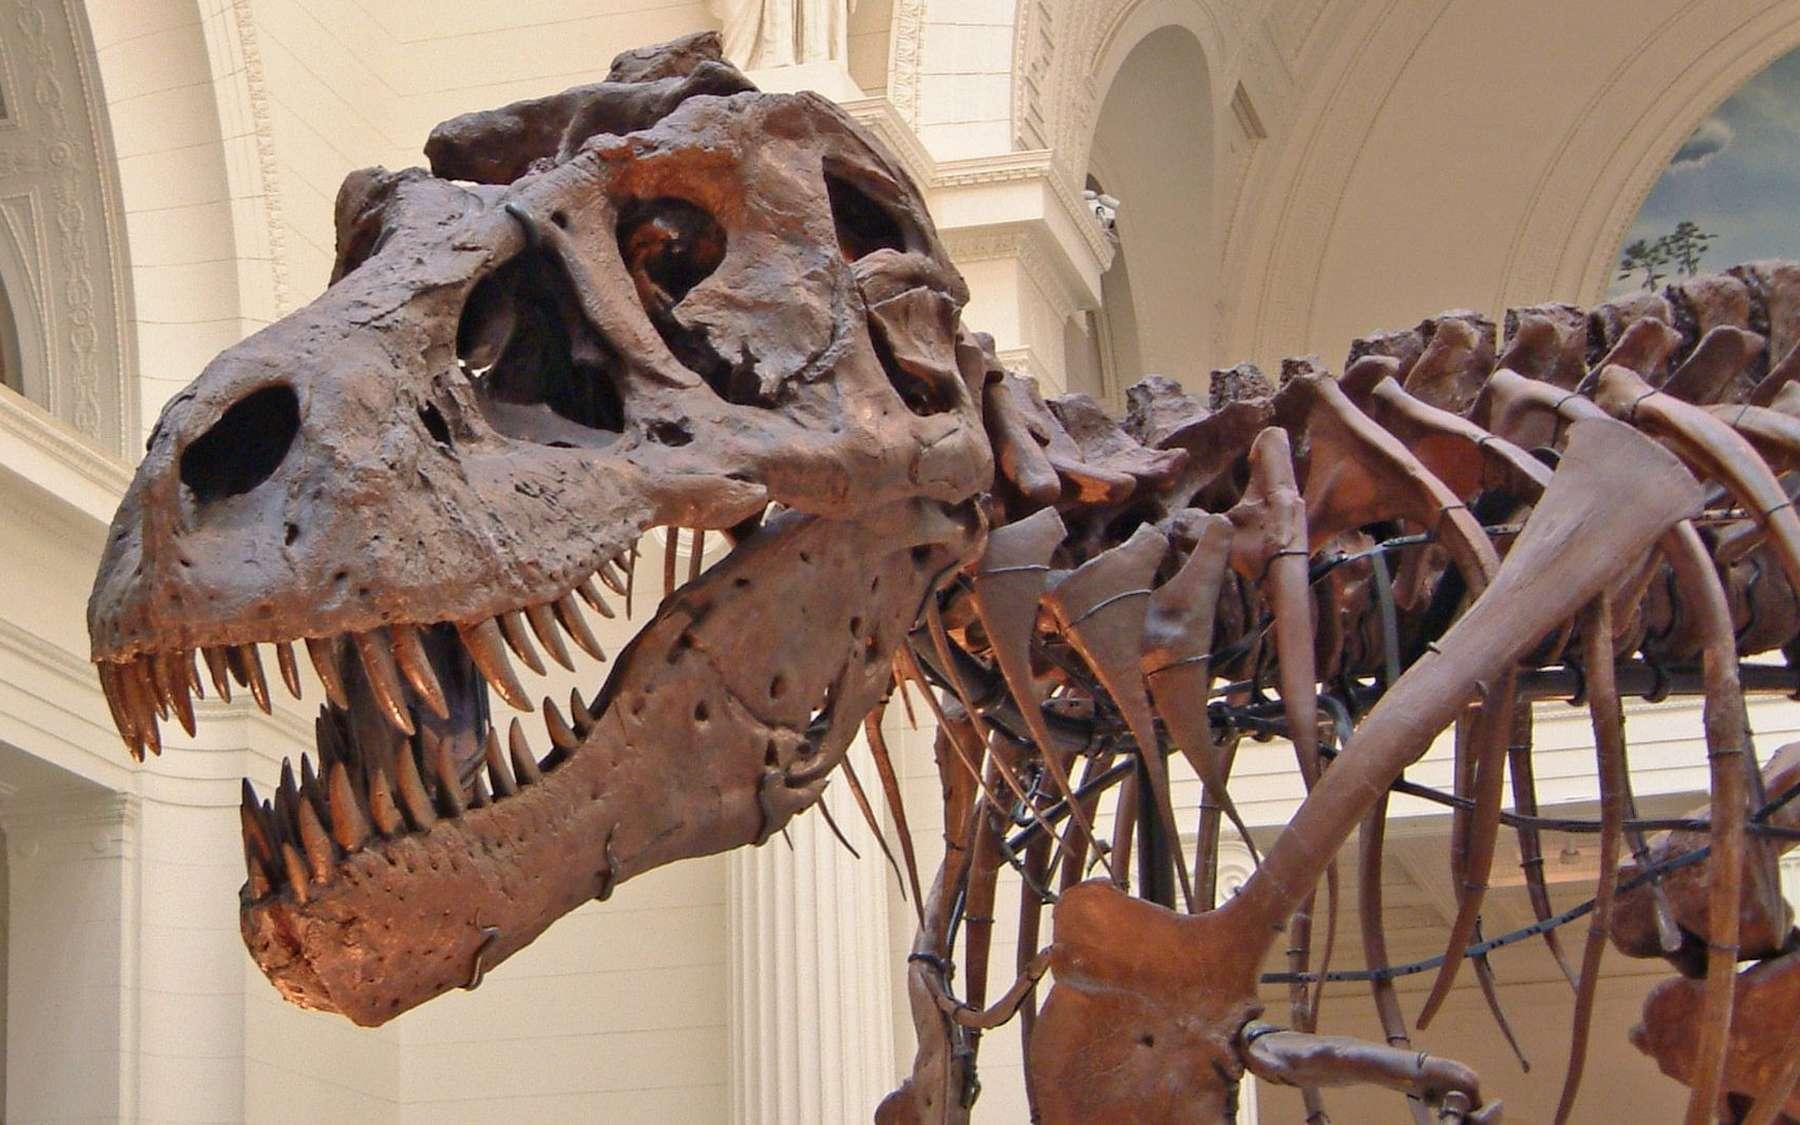 La découverte de Timurlengia euotica, un cousin du T-Rex, permettra d'en savoir plus sur cet impressionnant dinosaure. Ici, un squelette de T-Rex visible au Field Museum of Natural History, à Chicago, aux États-Unis. © Terence Faircloth, Flickr, CC by-nc-nd 2.0